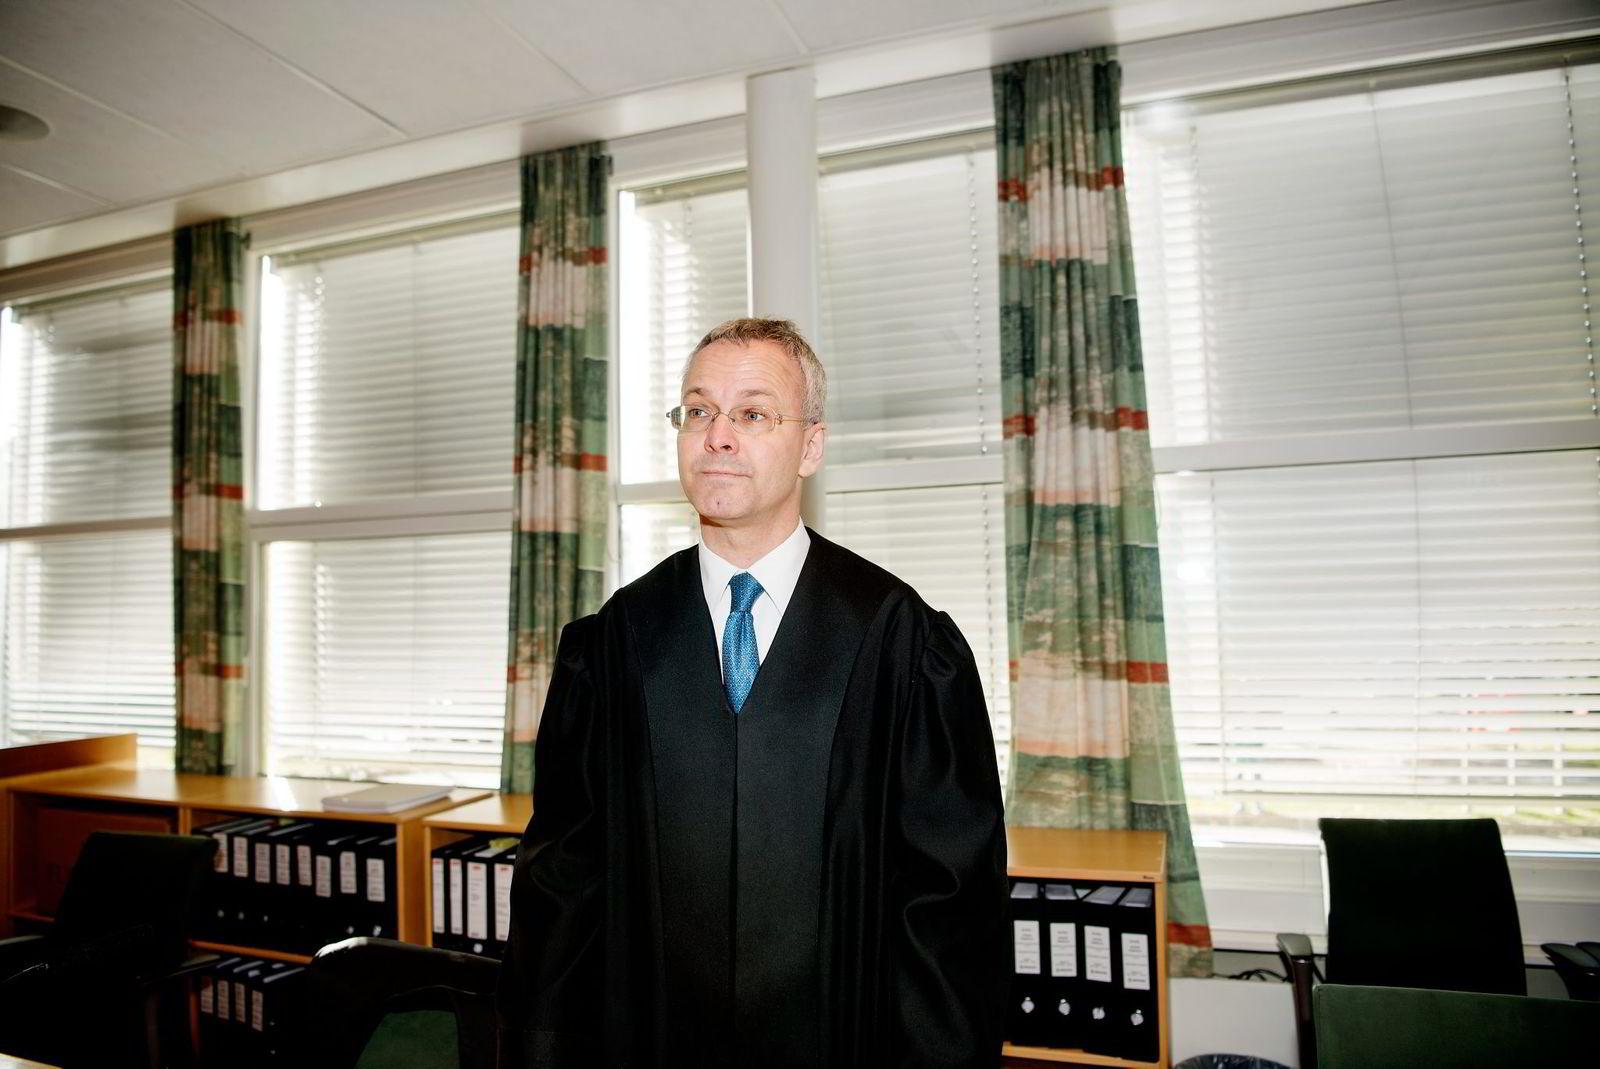 Forsvarer Nicolai V. Skjerdal mener det var feil å anlegge straffesak.